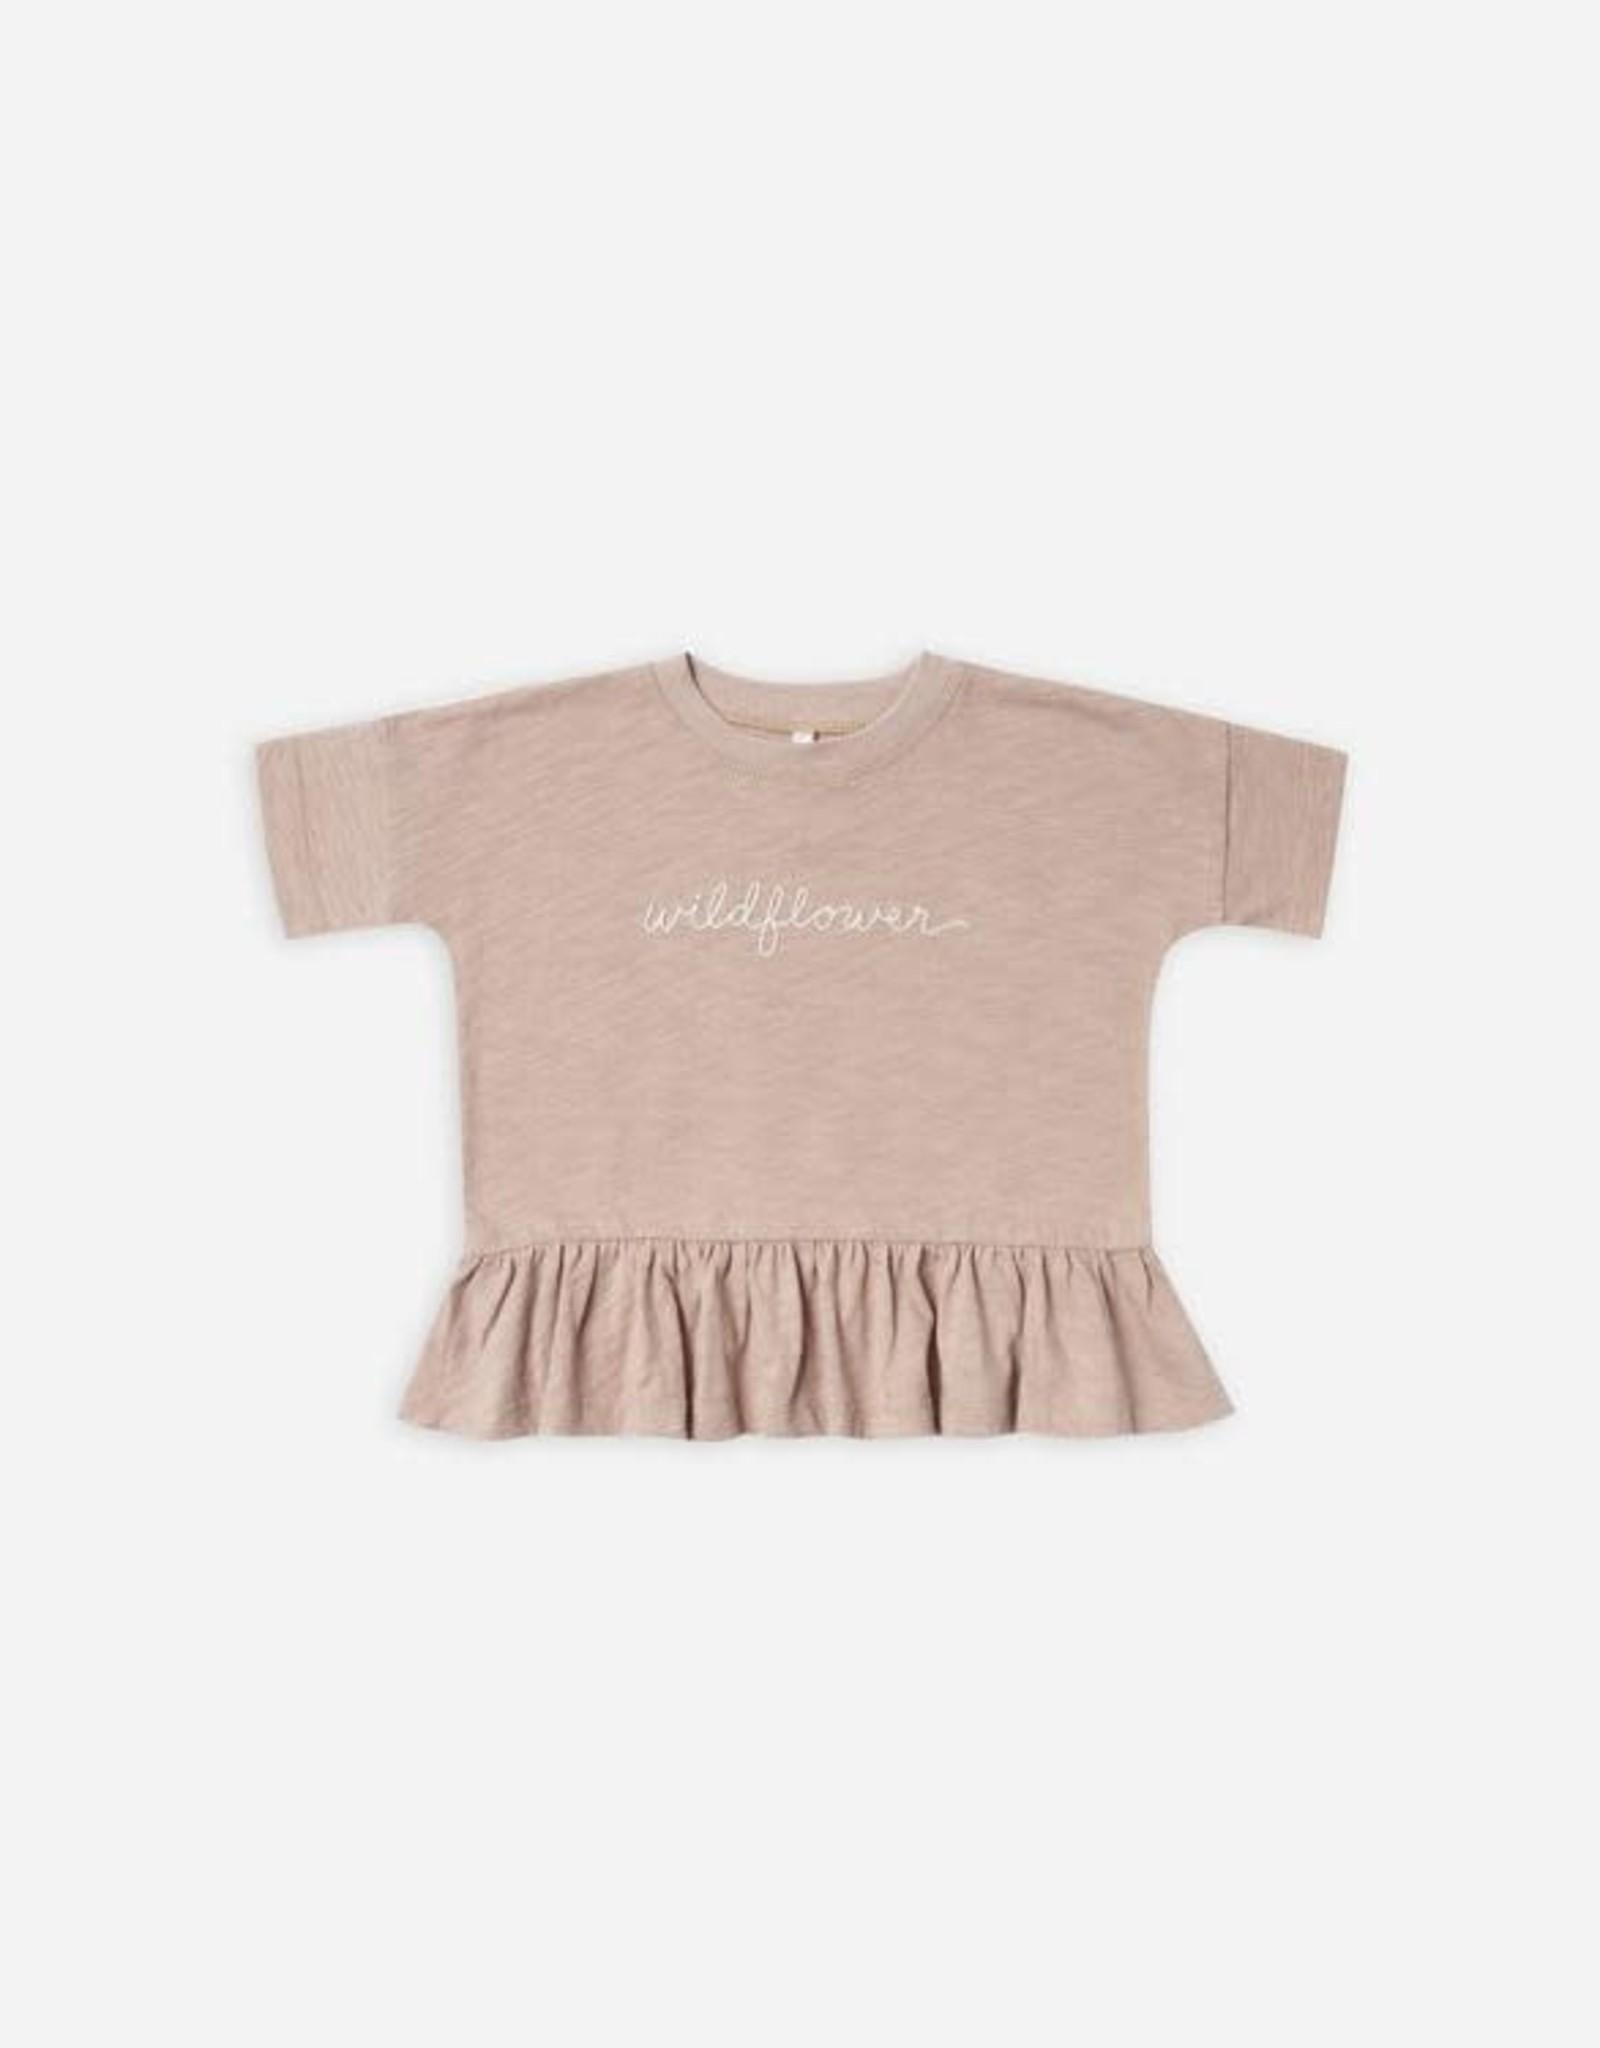 Rylee + Cru Wildflower Peplum Shirt